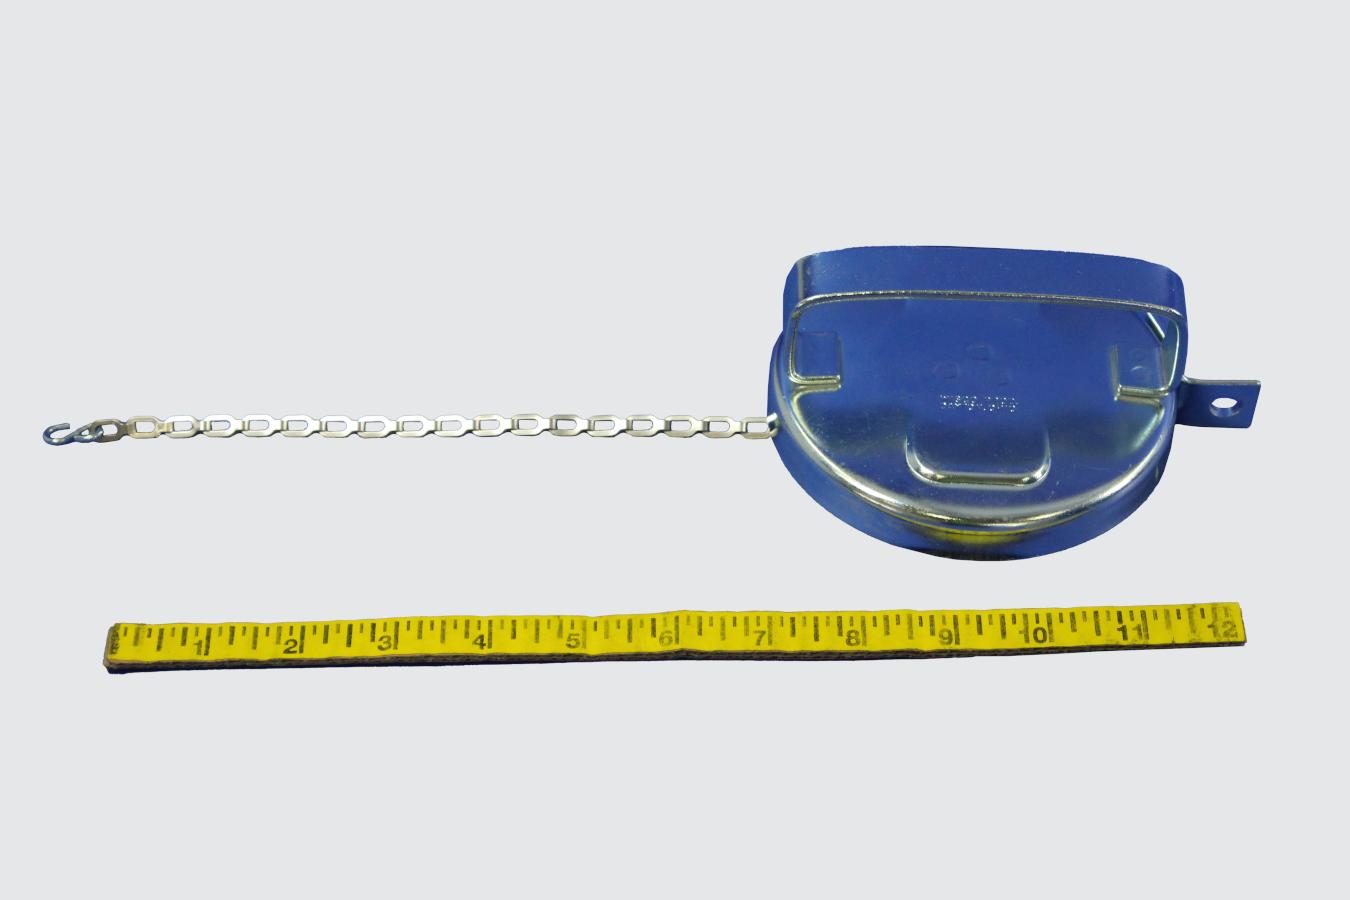 36845014-CAP, FLR FUEL